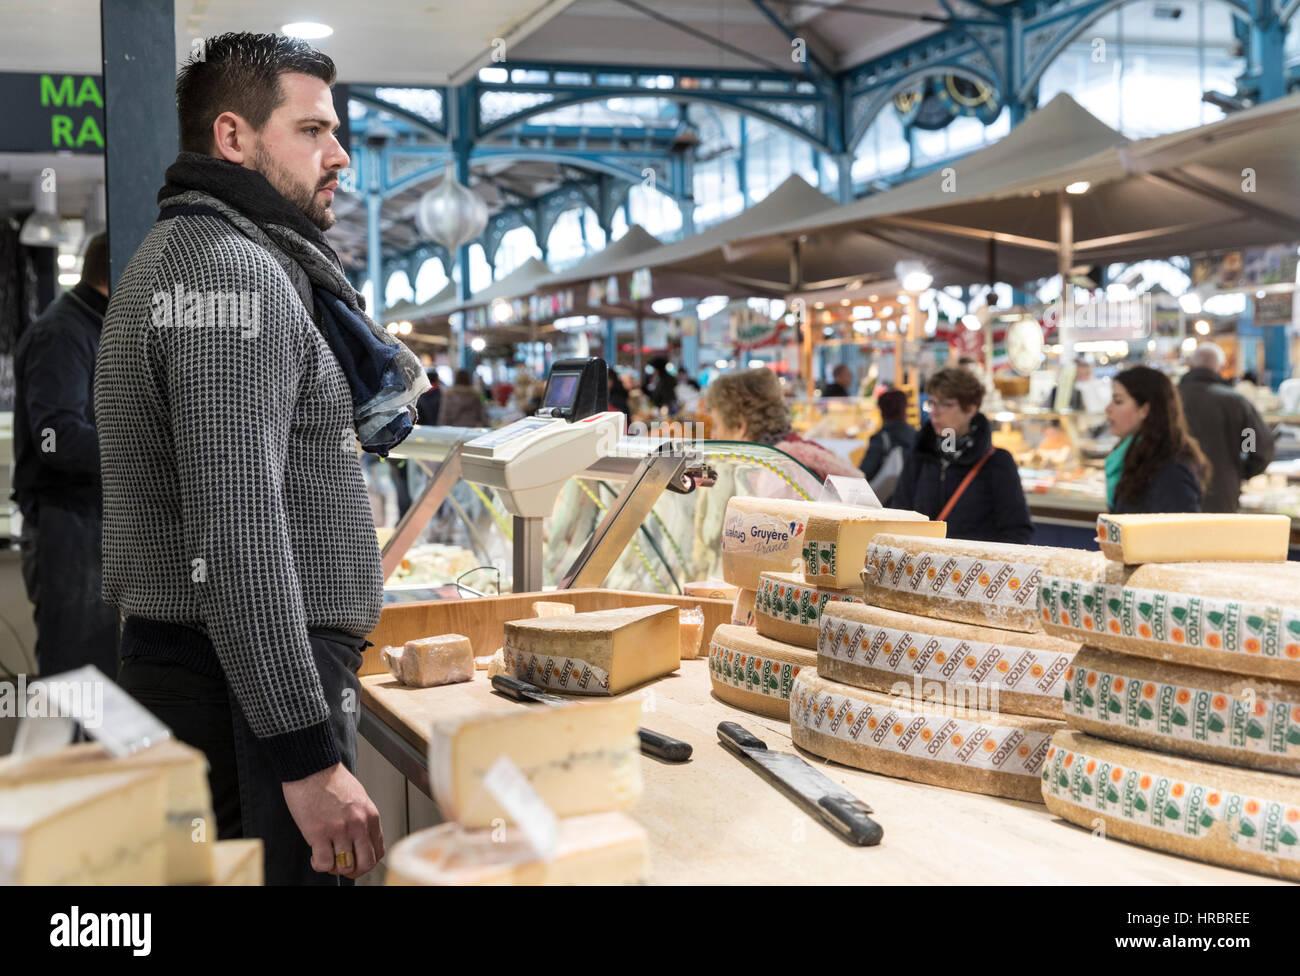 Cheese vendor, Covered Market, Dijon, Burgundy, France - Stock Image